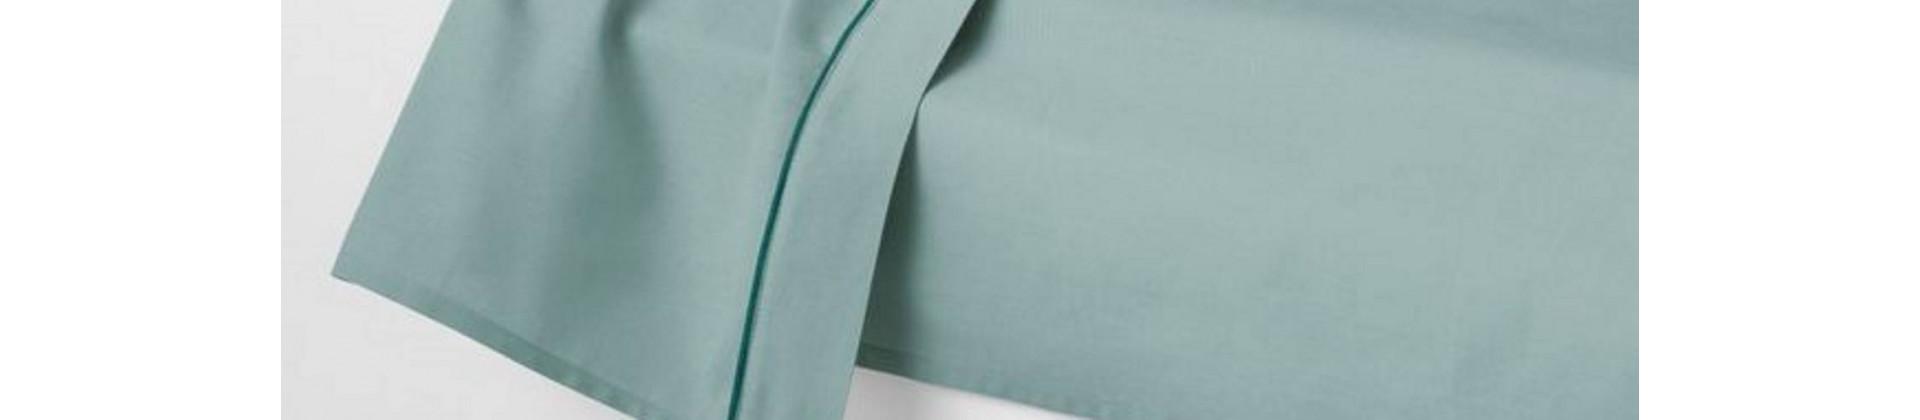 Draps plats couleur pour établissements hôteliers et collectivités